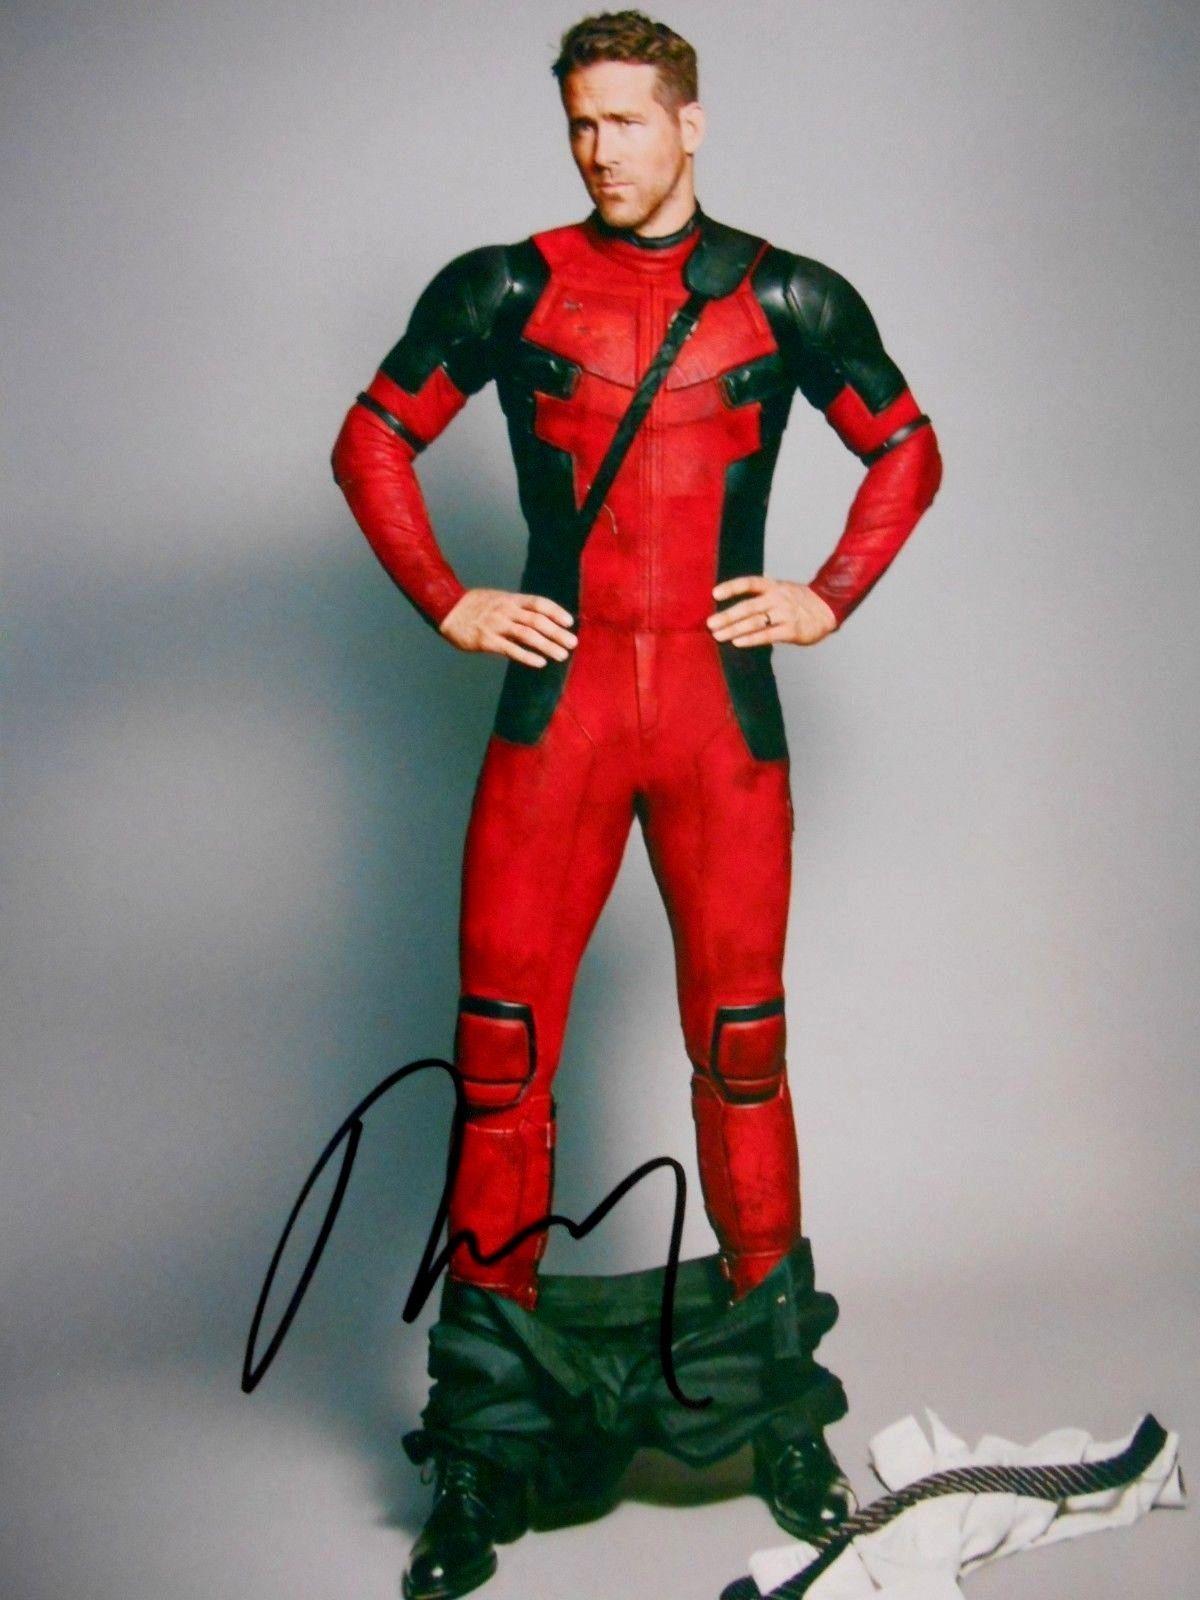 Deadpool Movie Fan Art Deadpool Movie Pic What S